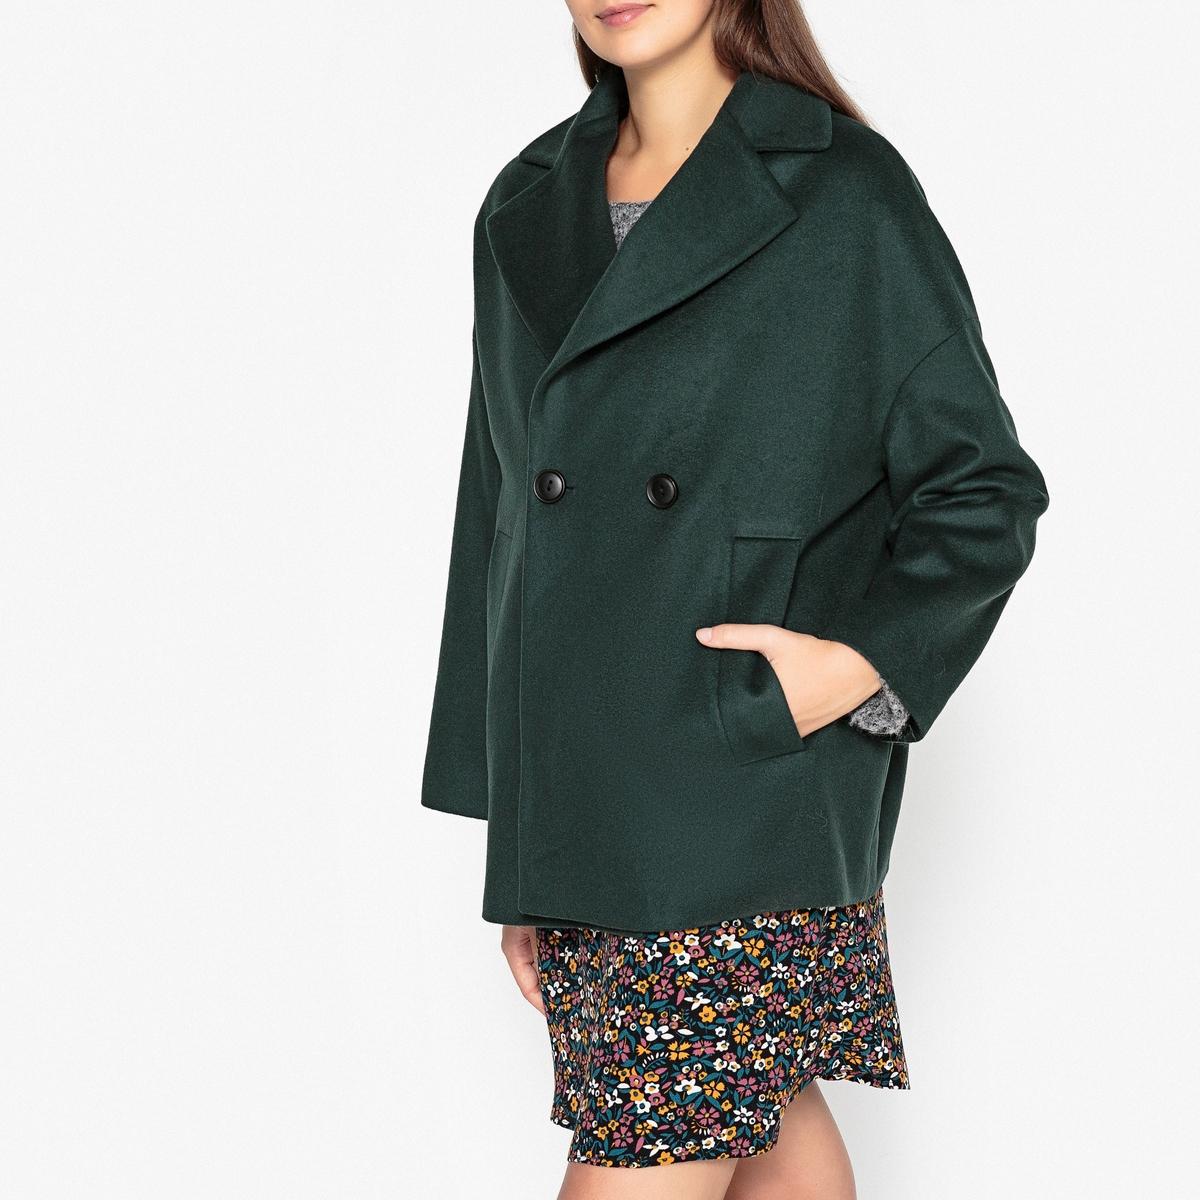 Пальто укороченное из шерсти и кашемира SAMARA пальто из шерстяного драпа 70